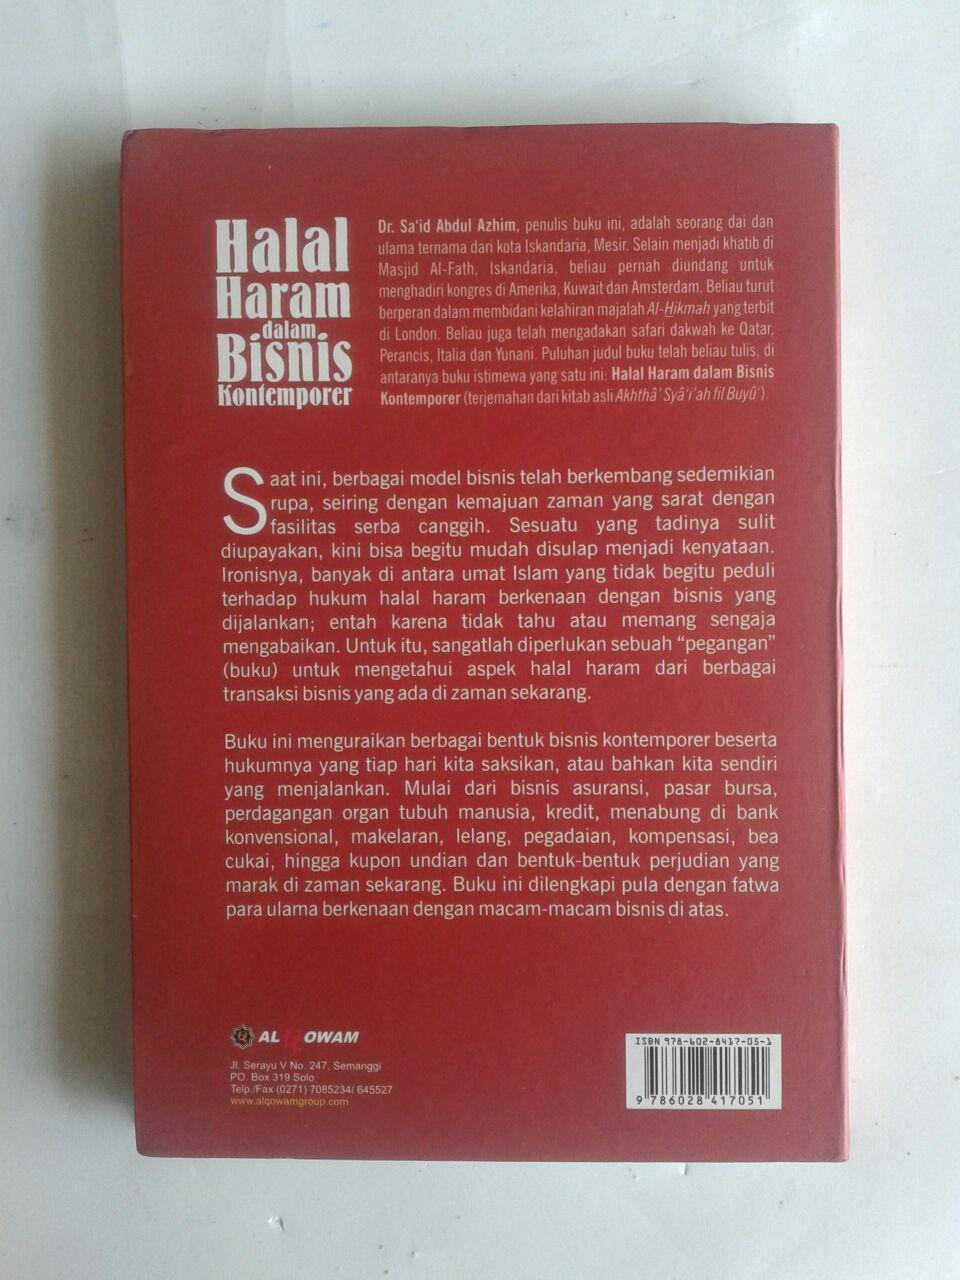 Buku Halal Haram Dalam Bisnis Kontemporer cover